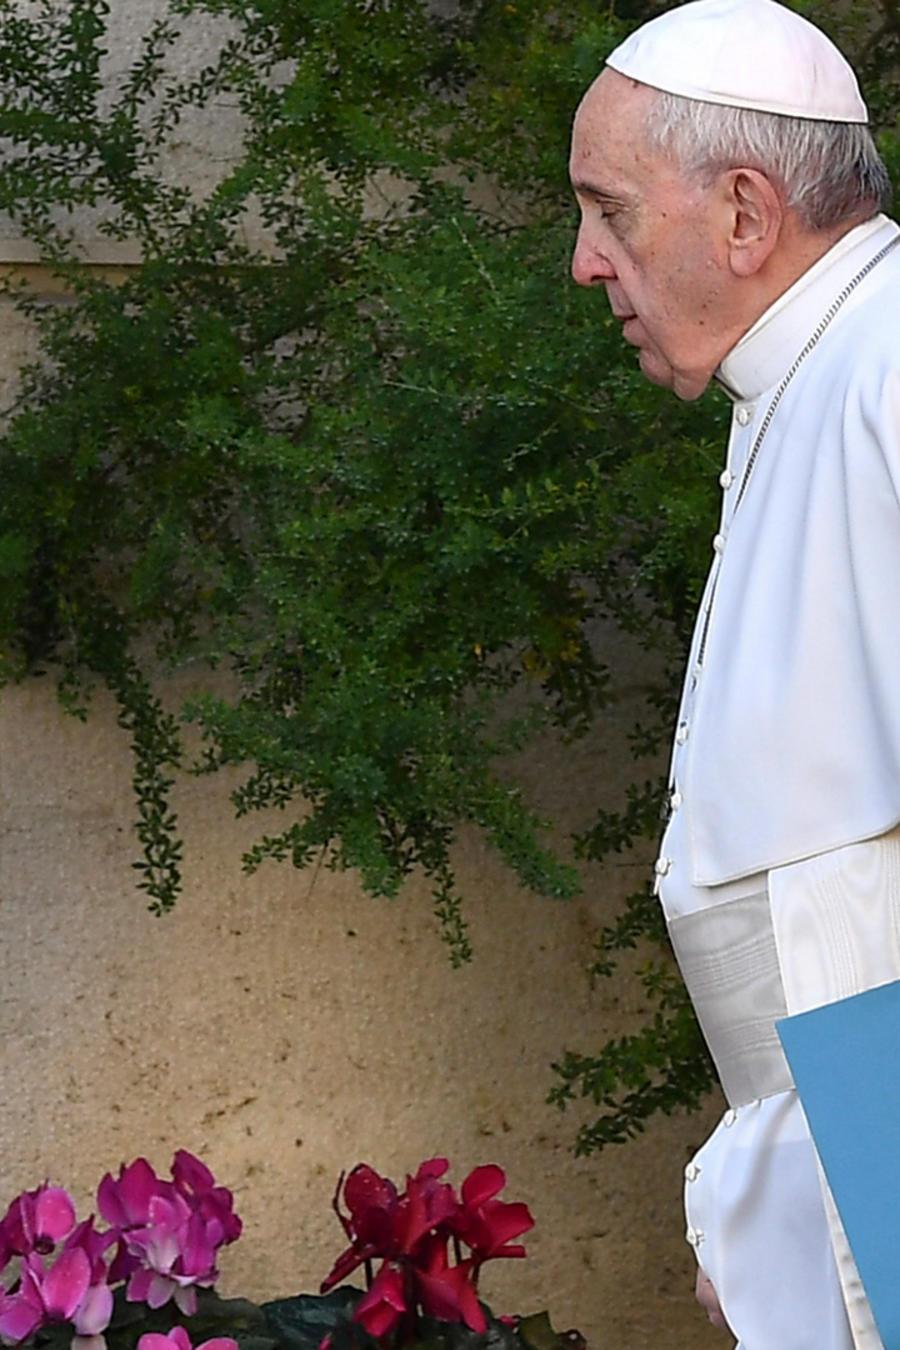 El papa en el Vaticano entrando a la conferencia de obispos sobre pederastia hoy